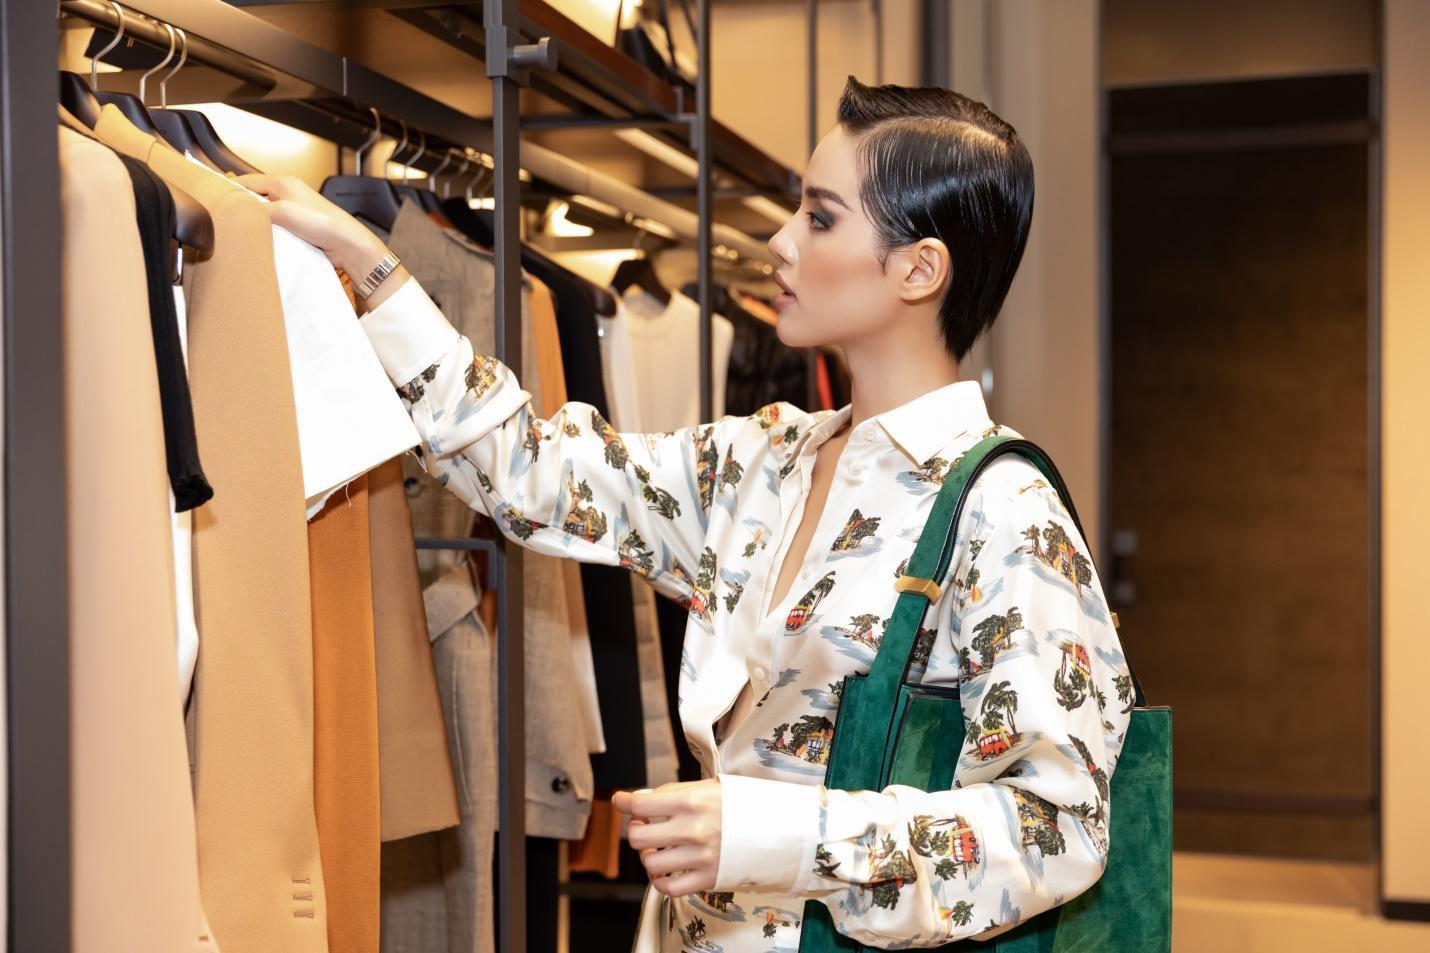 Bottega Veneta ra mắt BST mới: Dàn sao Việt yêu thời trang tụ hội, cùng khoe cá tính - Ảnh 8.